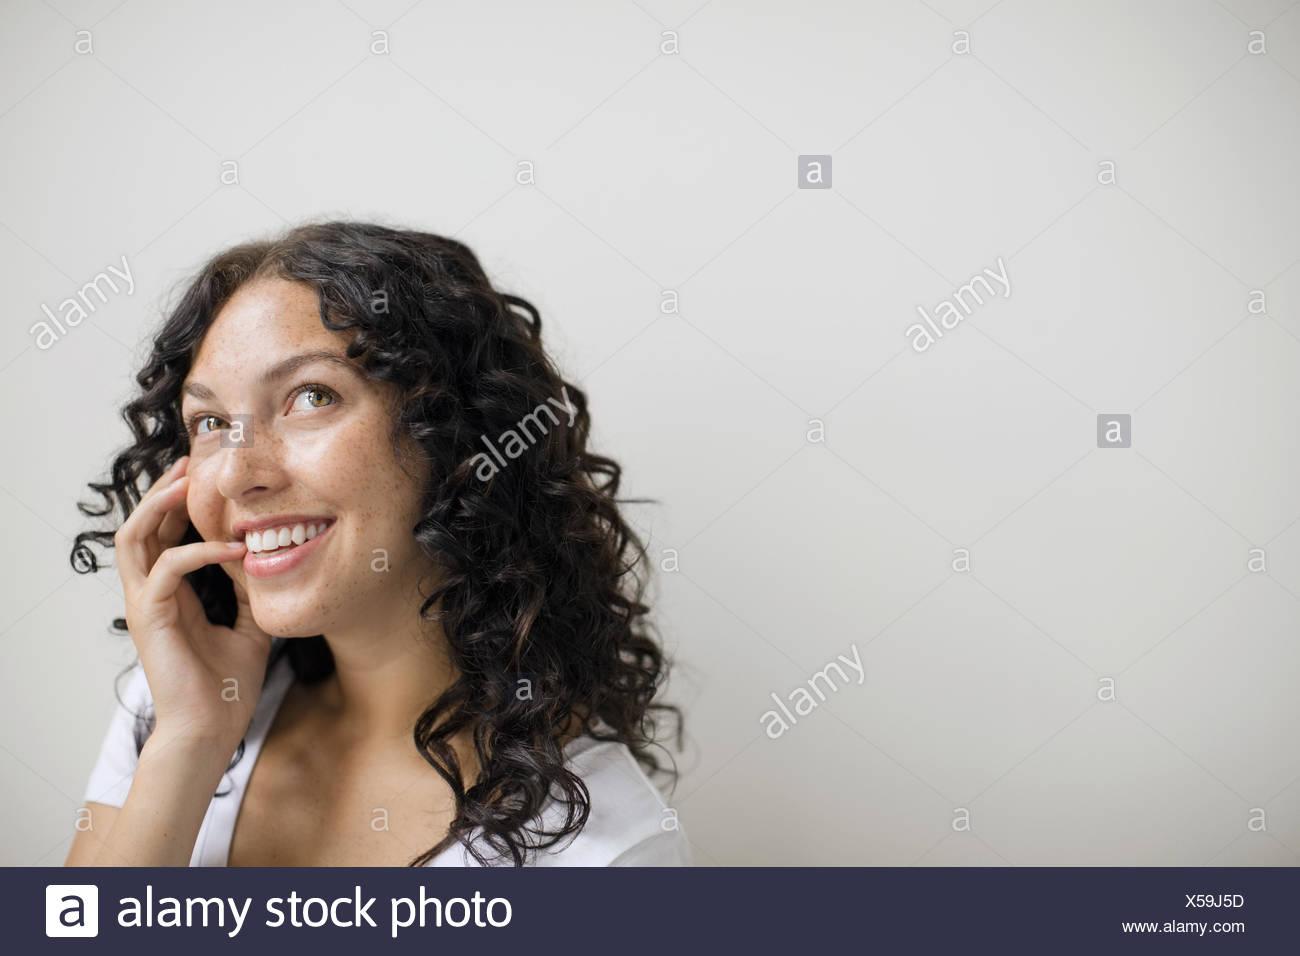 Curioso mujer con cabello negro rizado Imagen De Stock